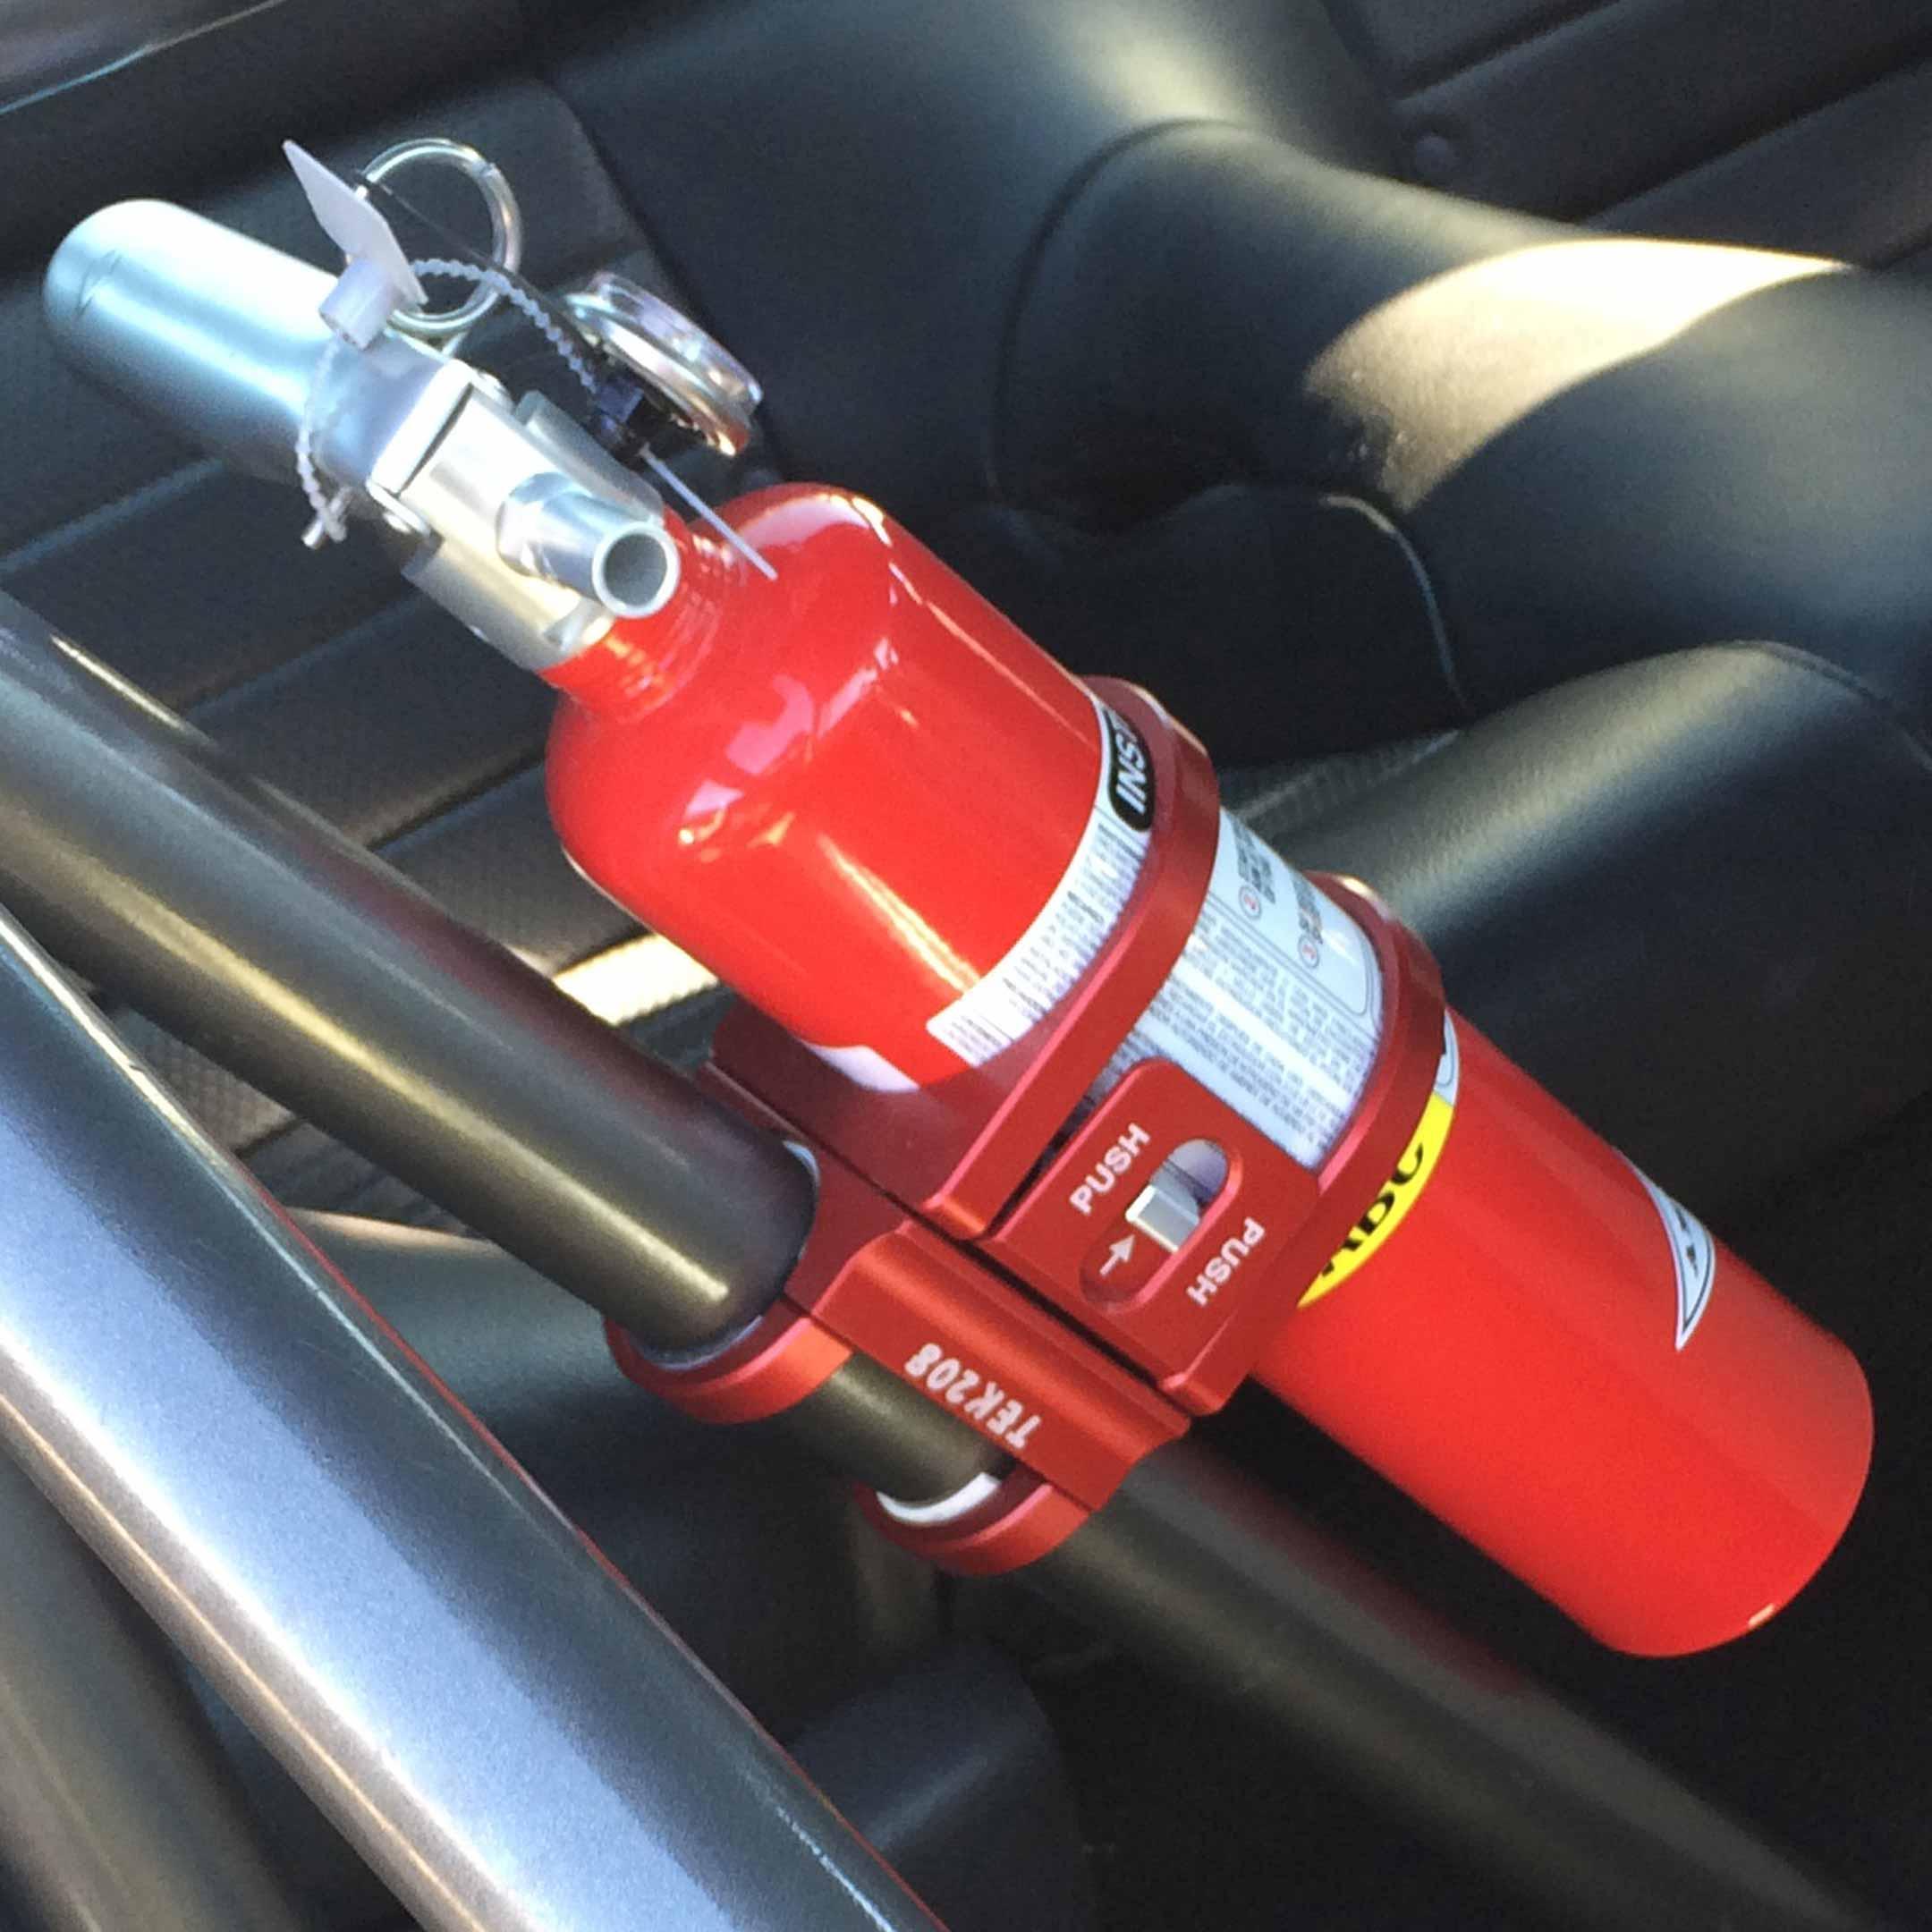 Hornet Outdoors UTV Roll Bar Mount Fire Extinguisher ... |Fire Extinguisher Roll Bar Mount